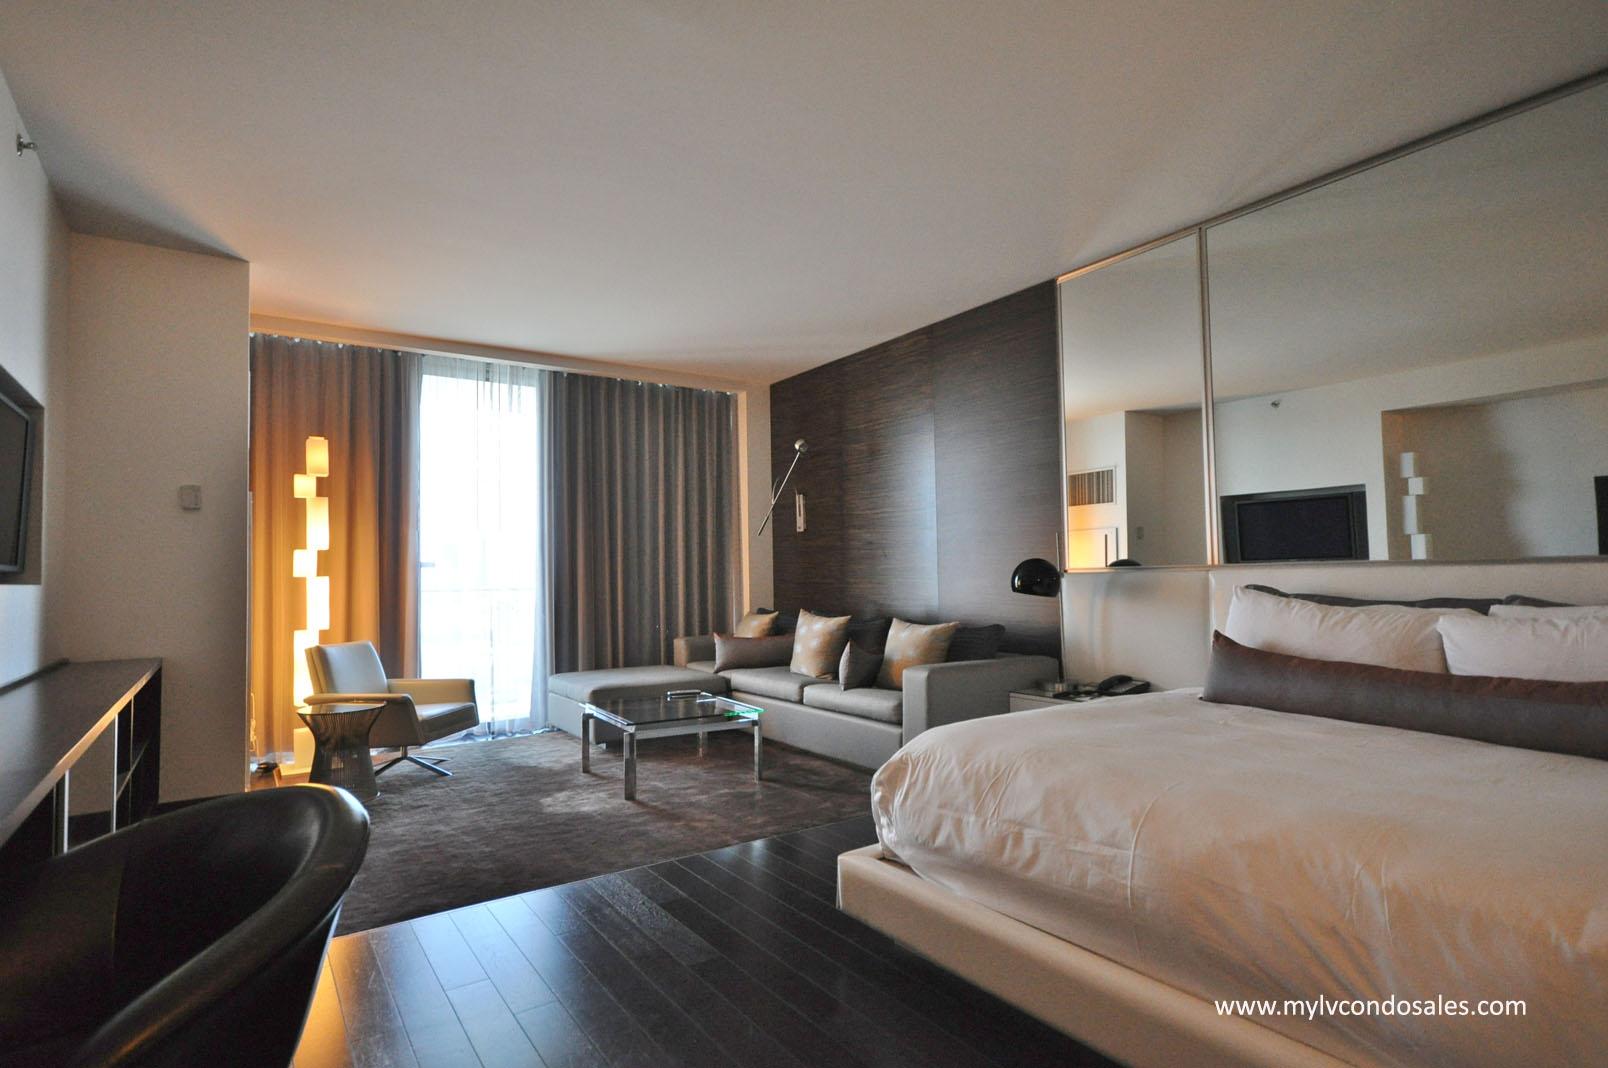 One Bedroom Suite At Palms Place Palms Place Las Vegas Condos Las Vegas Condos For Sale